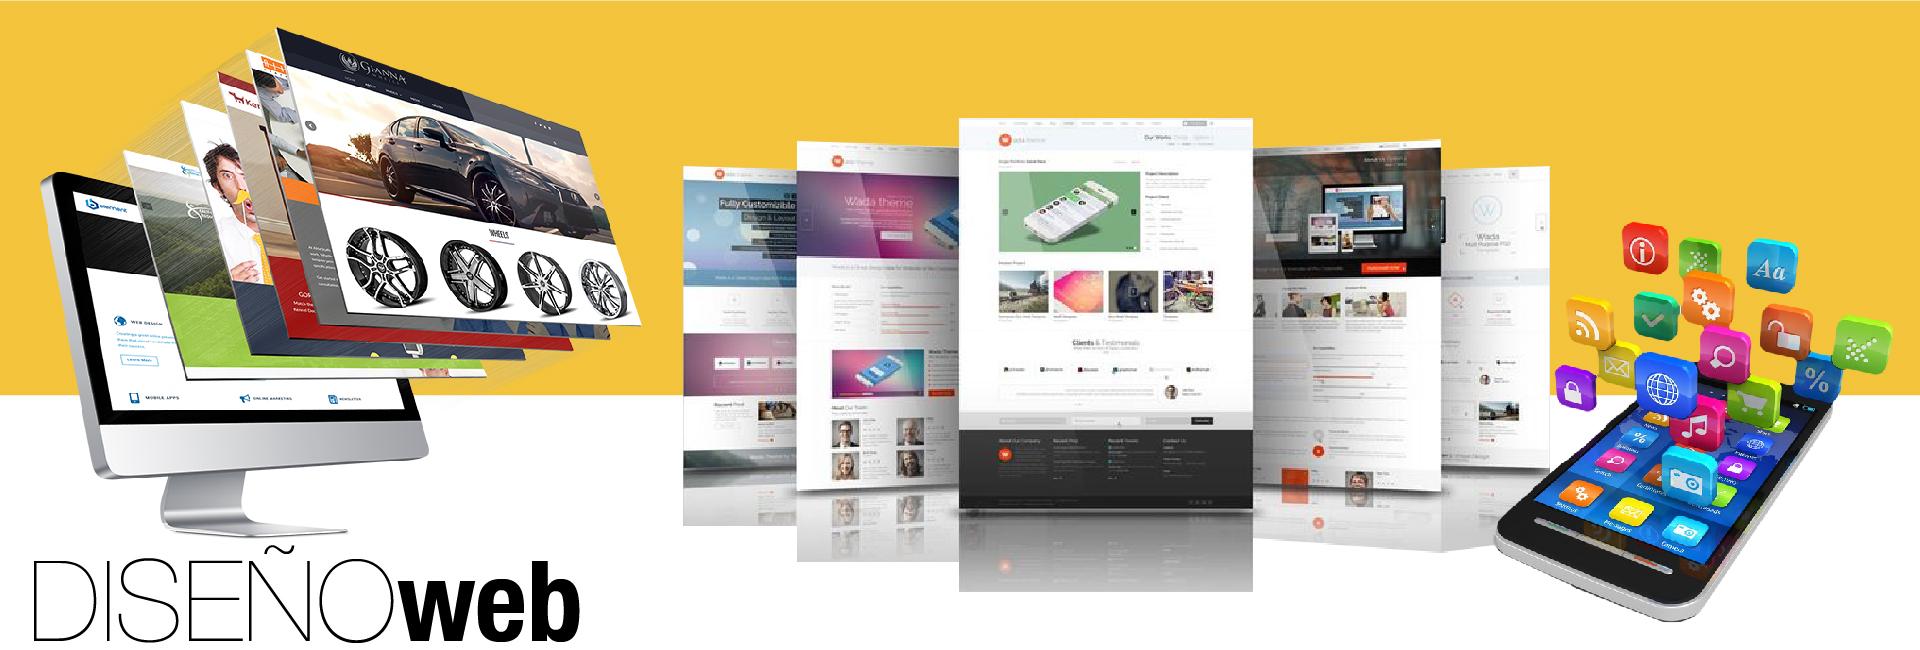 diseño_web